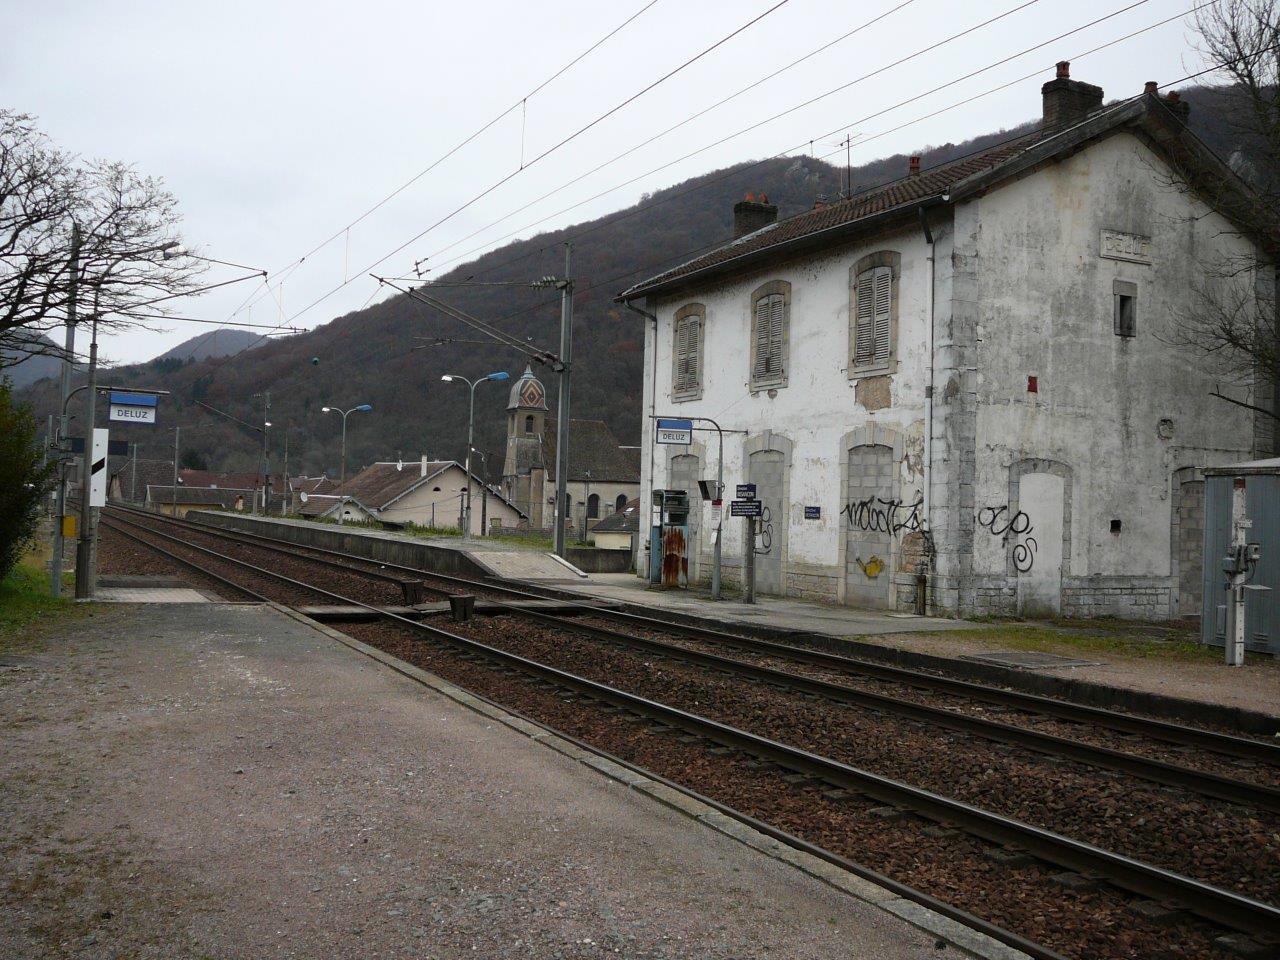 gare-de-deluz-train-station